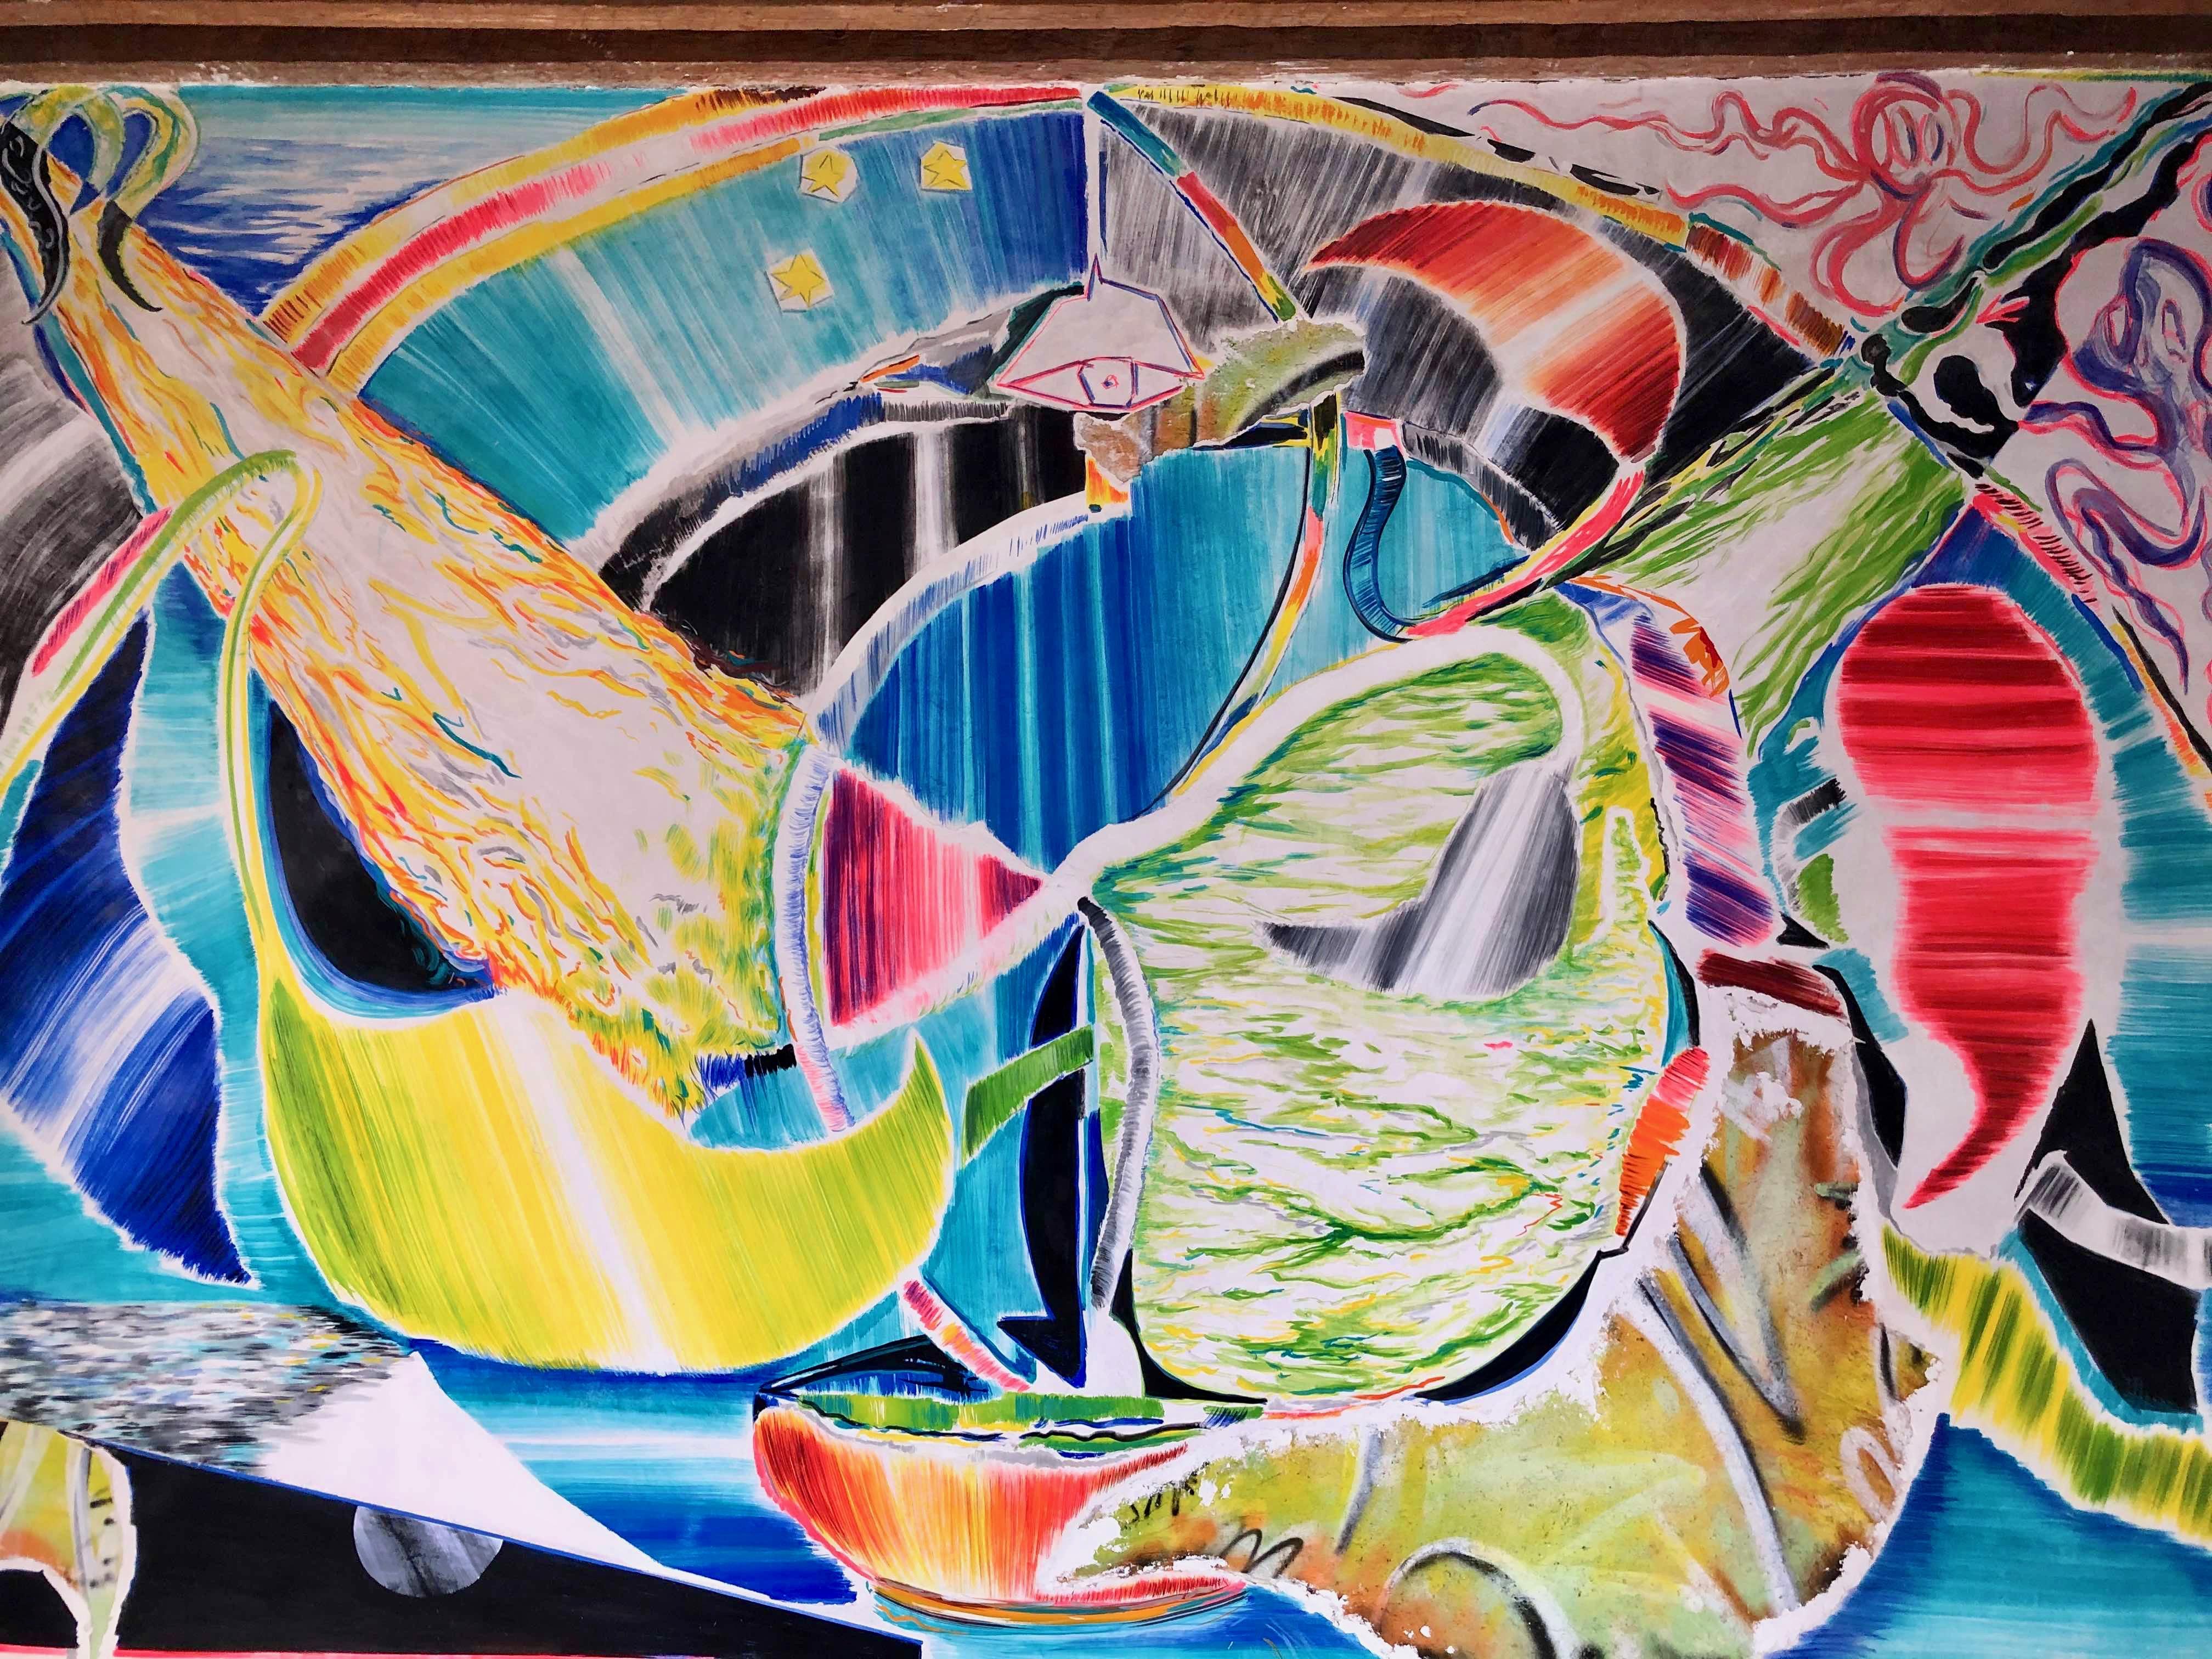 Allan Villavicencio, Transcapes (obra en proceso), murales al fresco, Academia 14, 2020. Foto: Joséphine Dorr